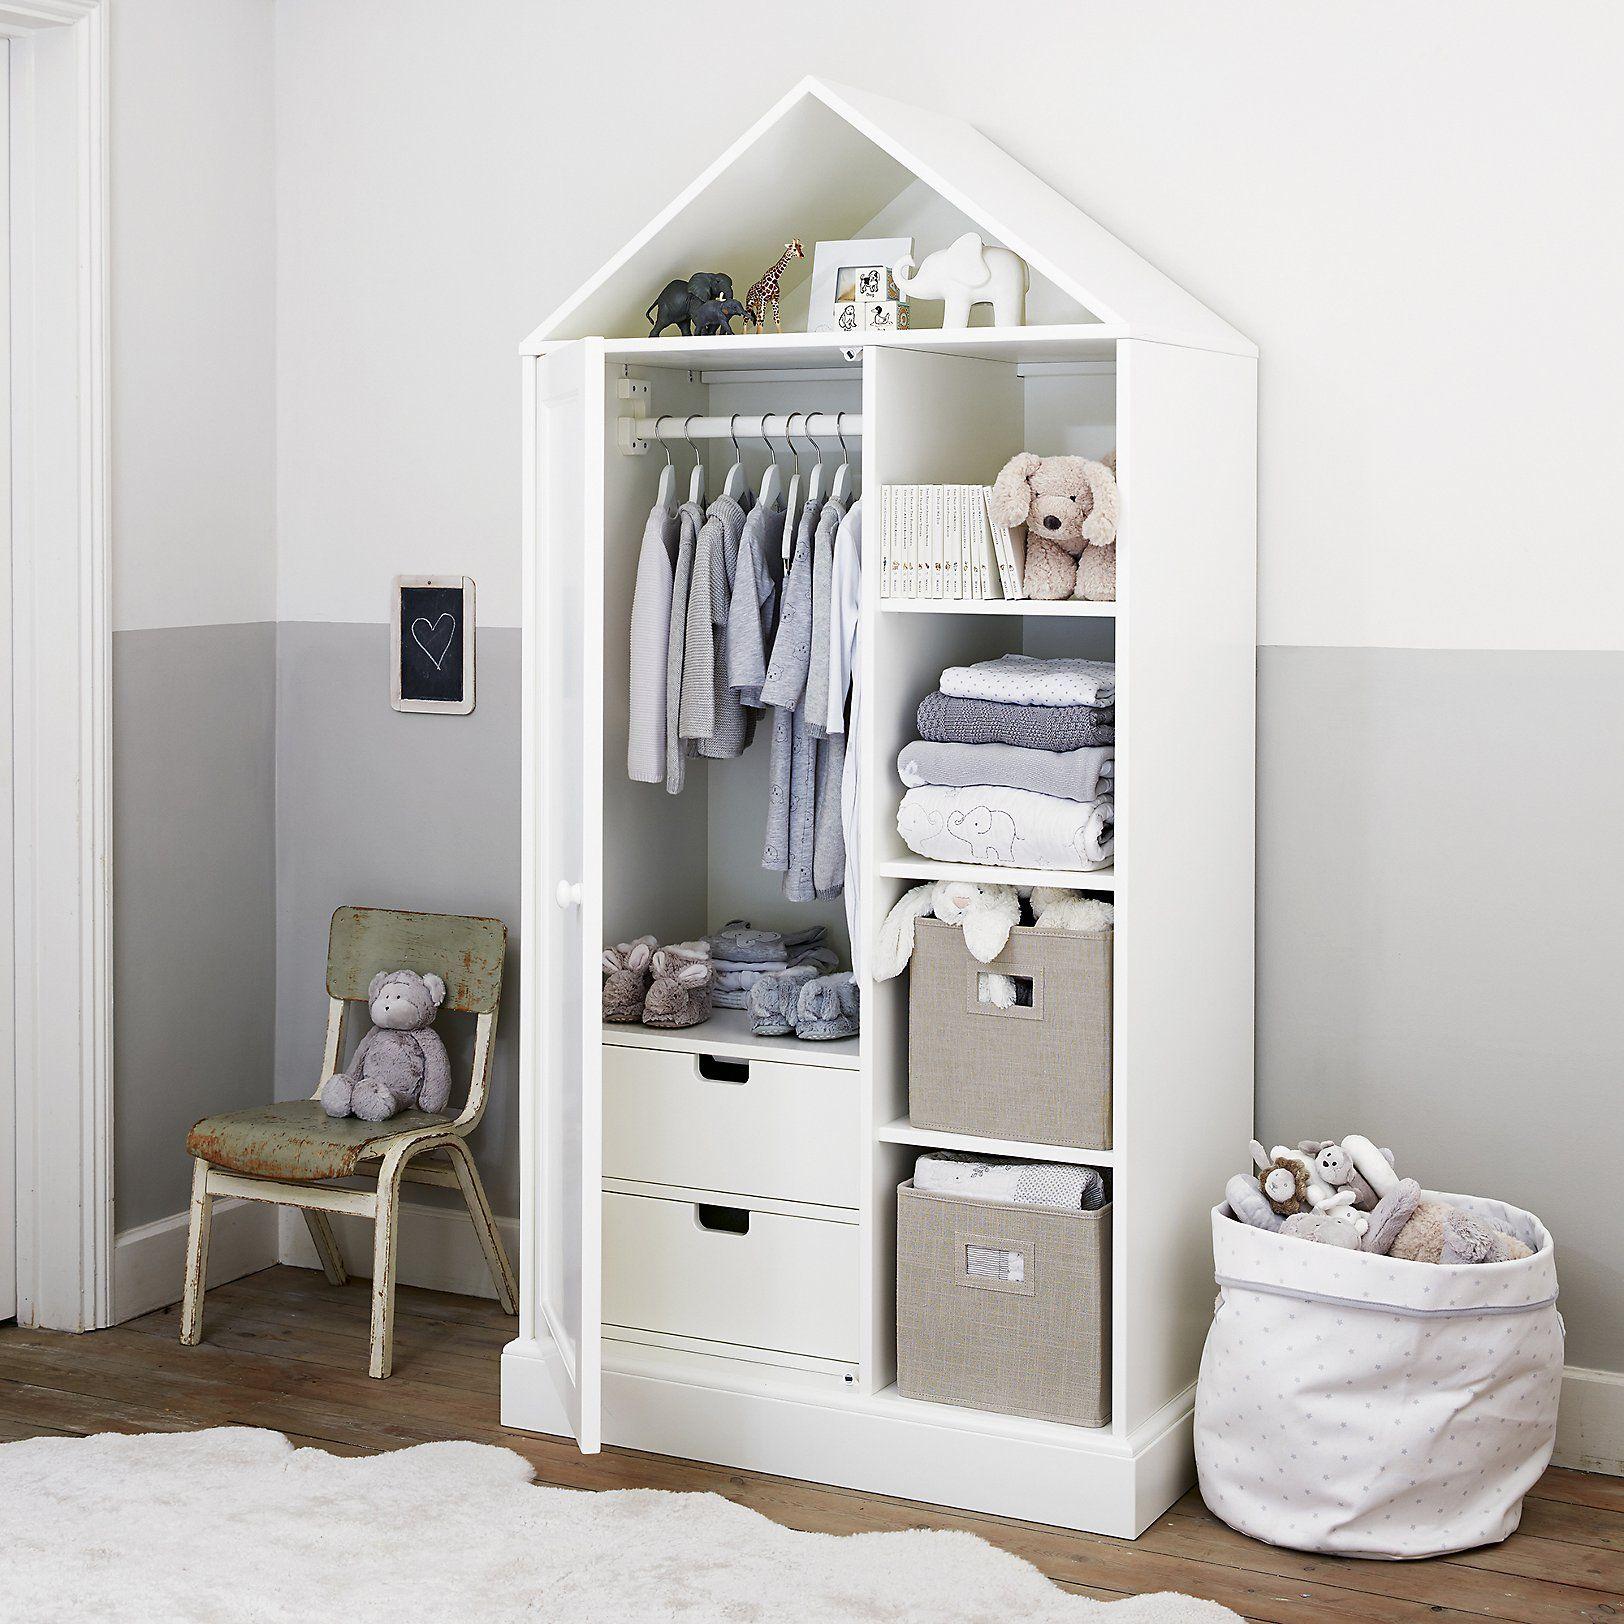 Top 5 Nursery Pieces For Spring Babies The White Company Journal V 2020 G Detskij Shkaf Dlya Odezhdy Mebel Dlya Spalni Spalnya Dlya Malysha